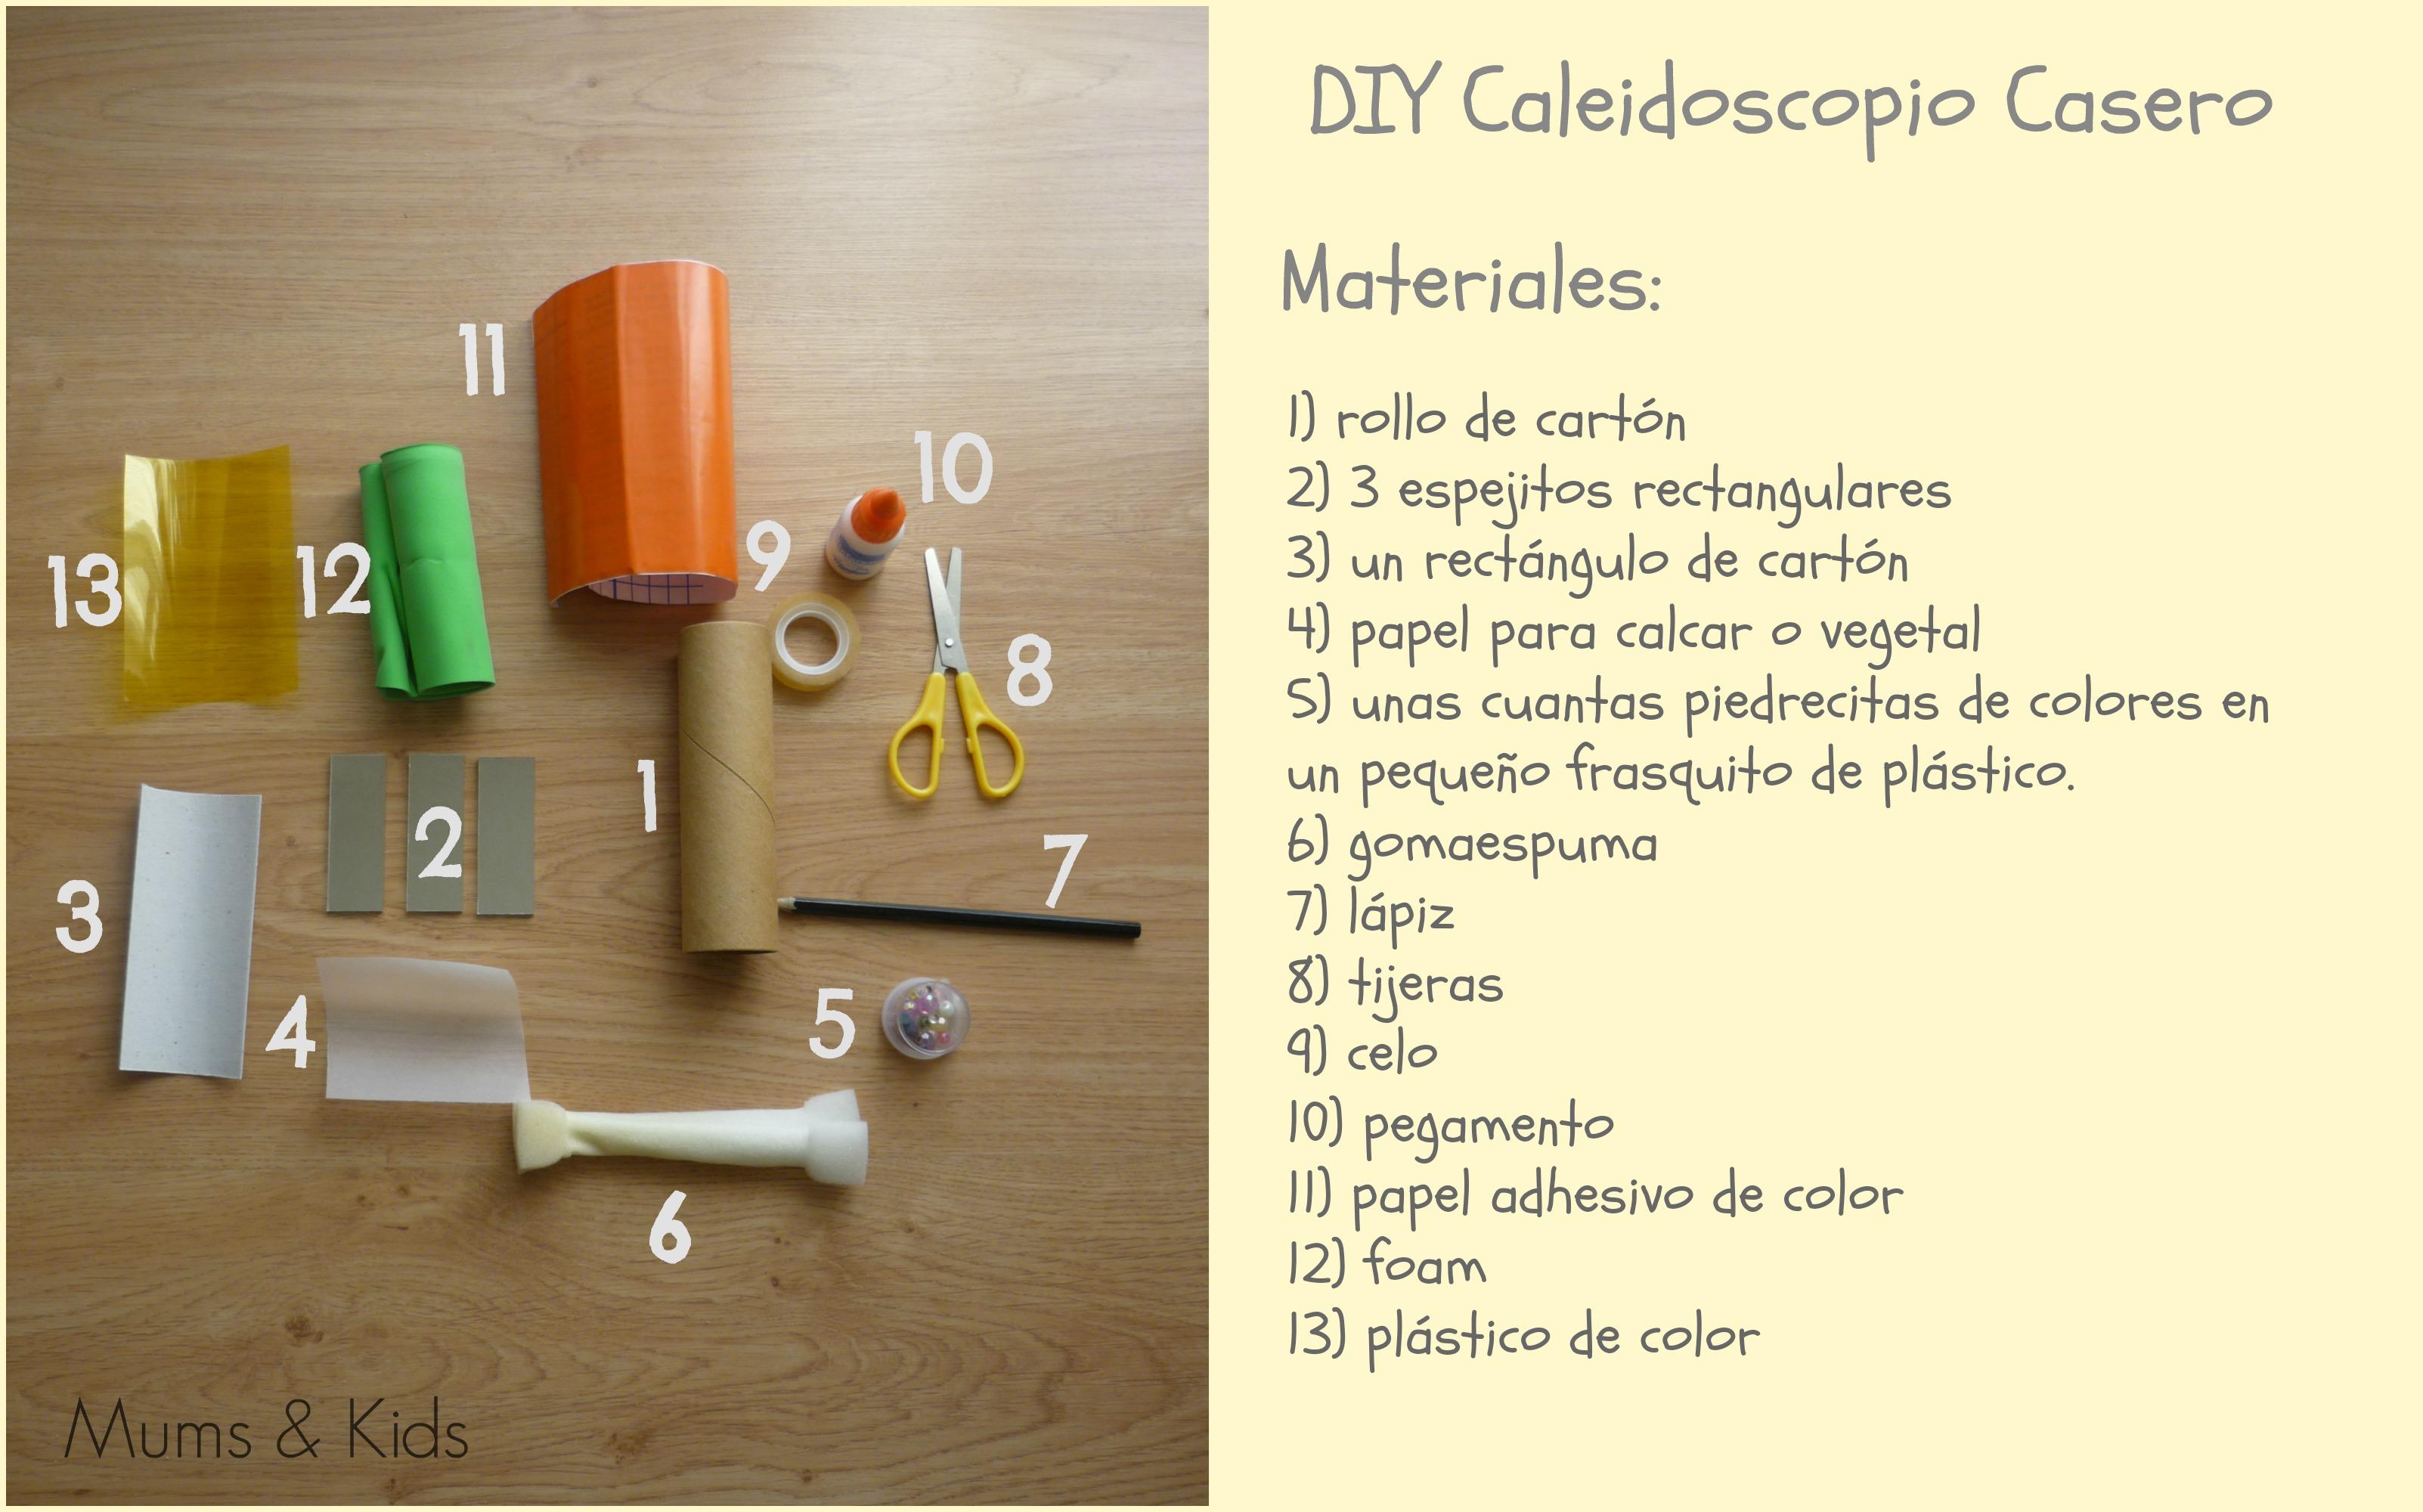 Diy caleidoscopio casero handbox craft lovers - Como hacer un toldo casero ...